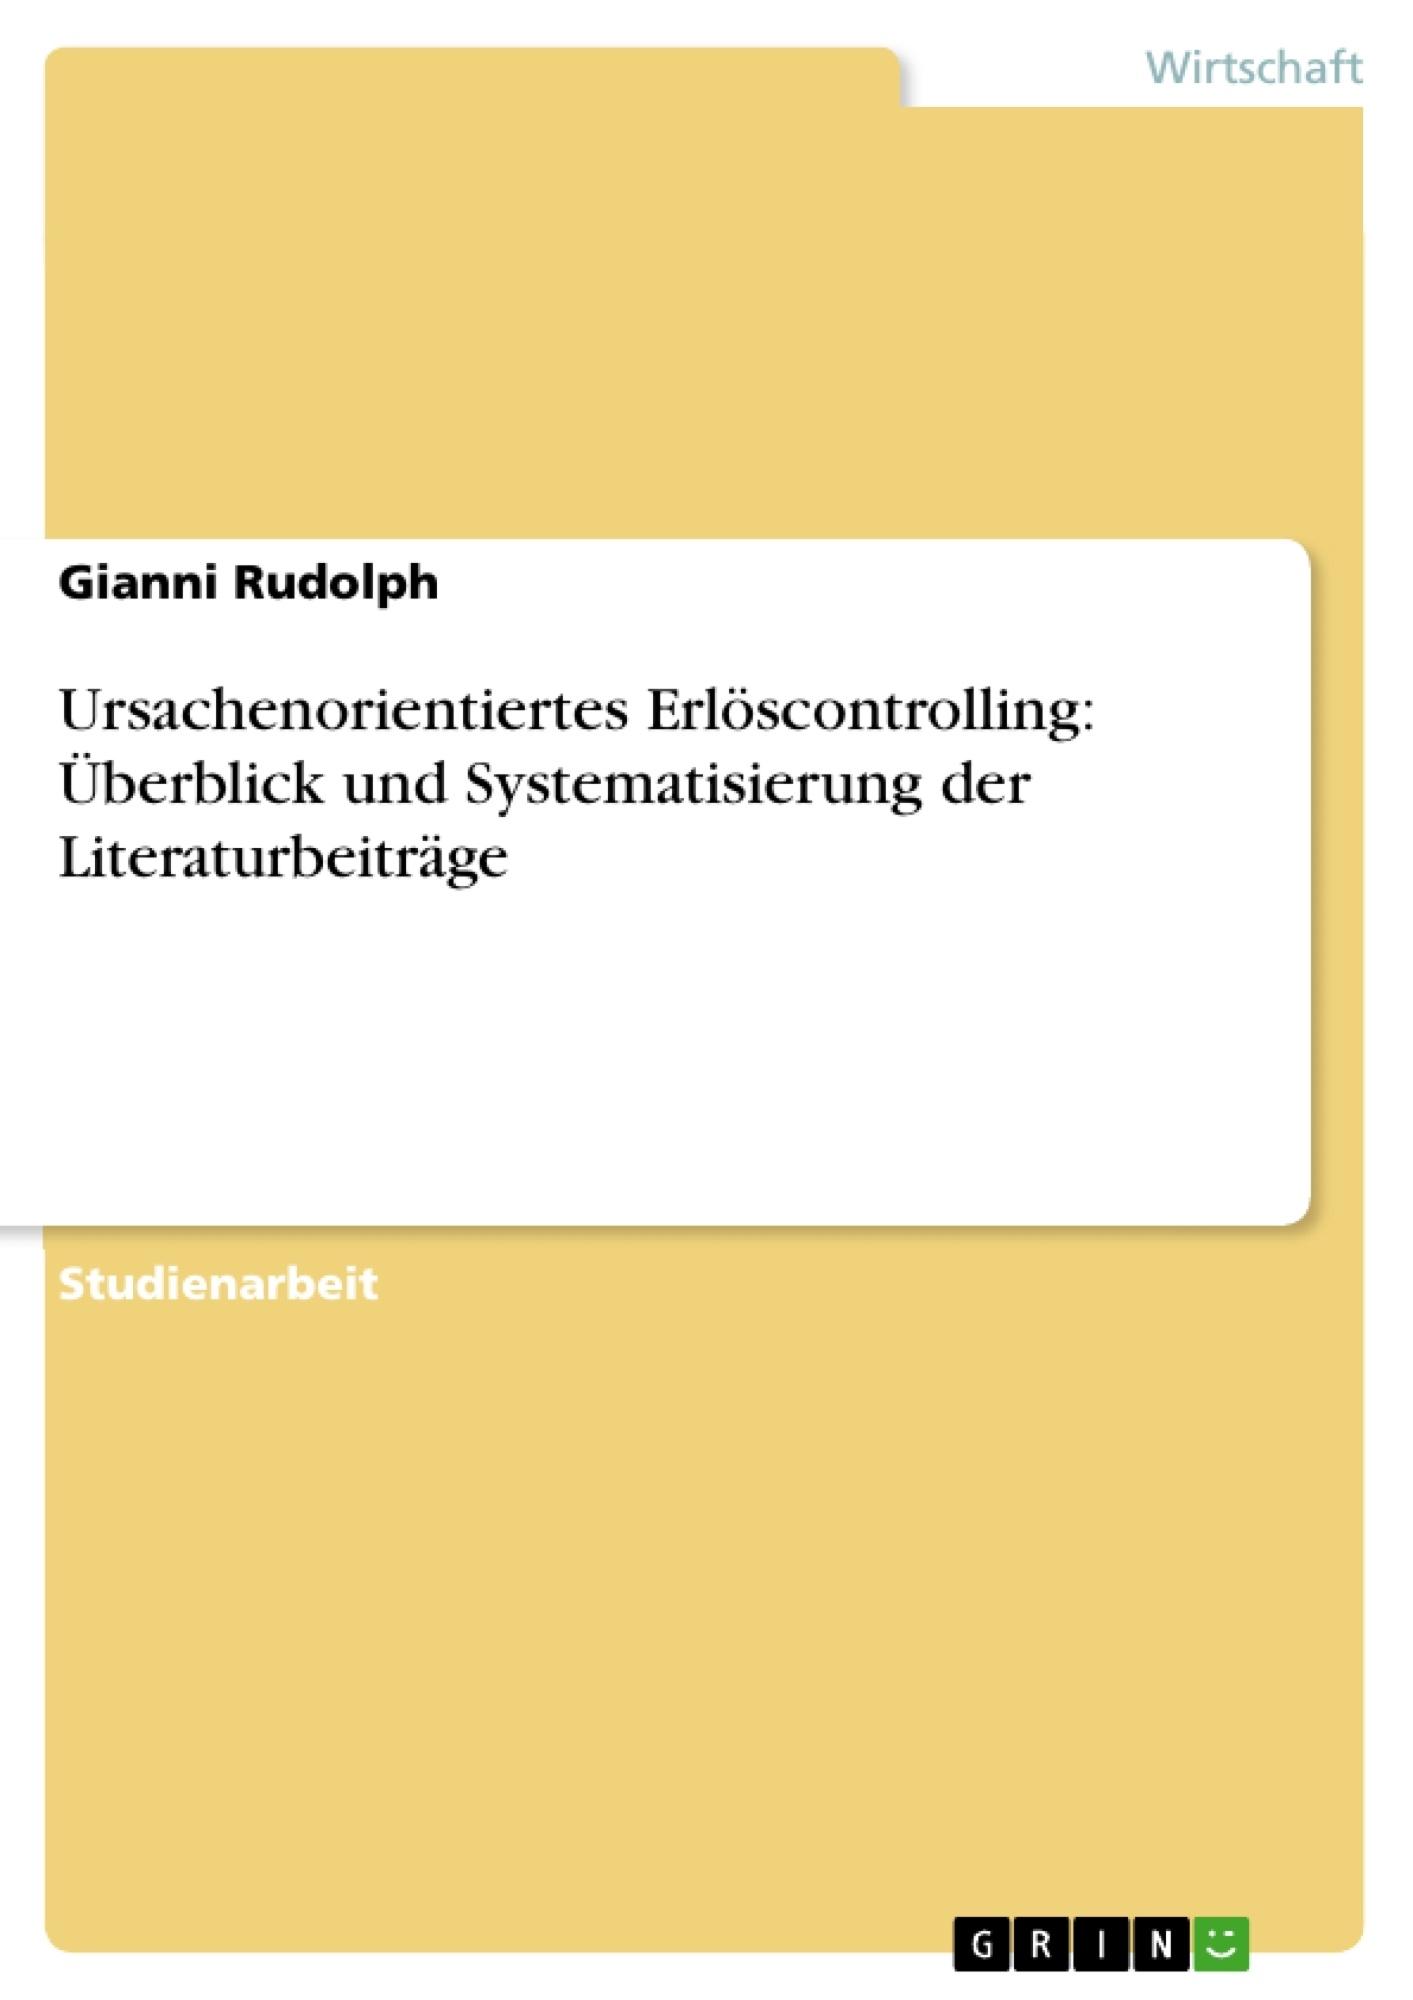 Titel: Ursachenorientiertes Erlöscontrolling: Überblick und Systematisierung der Literaturbeiträge